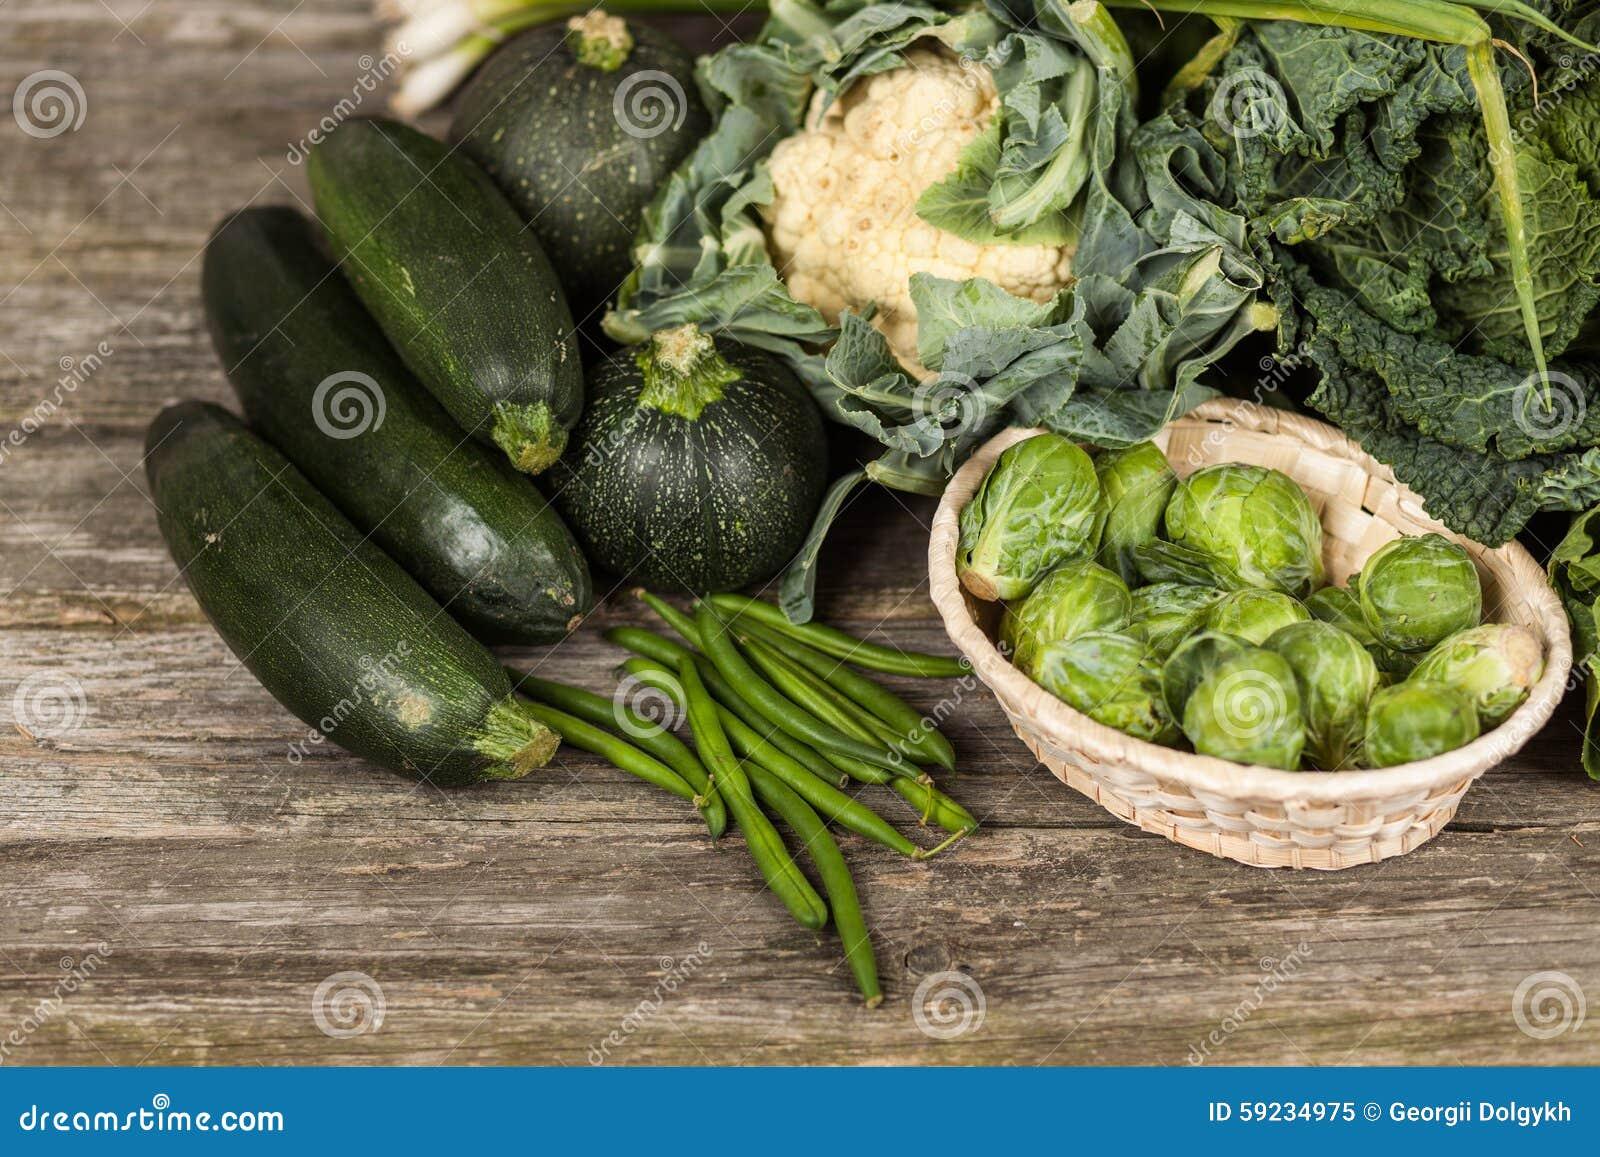 Download Surtido de verduras verdes imagen de archivo. Imagen de rústico - 59234975